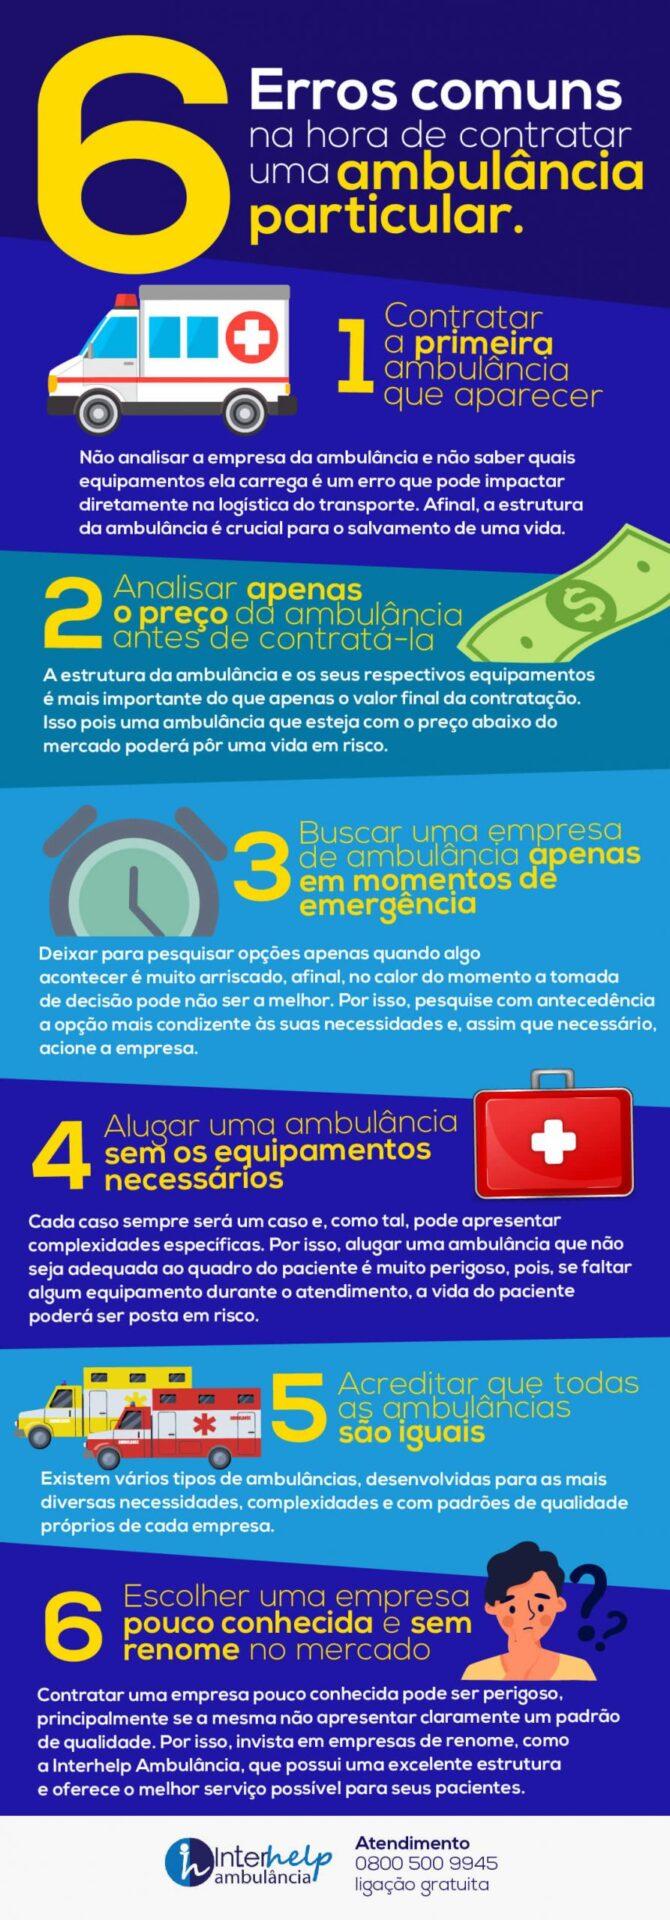 Infográfico sobre contratação de ambulância particular